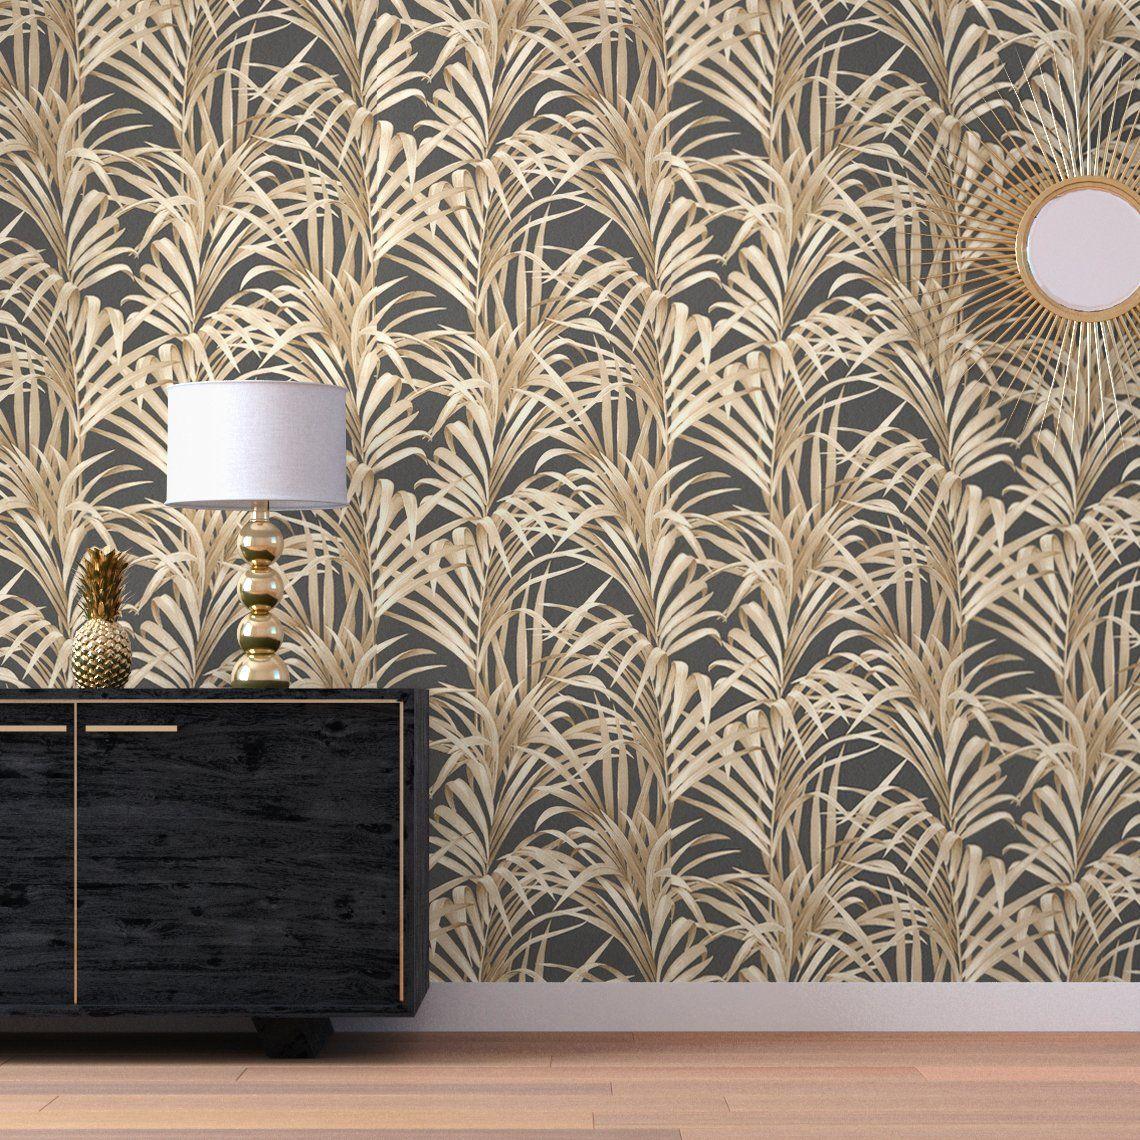 papier peint fanchon 100 intiss motif tropical dor gris anthracite les papiers peints. Black Bedroom Furniture Sets. Home Design Ideas